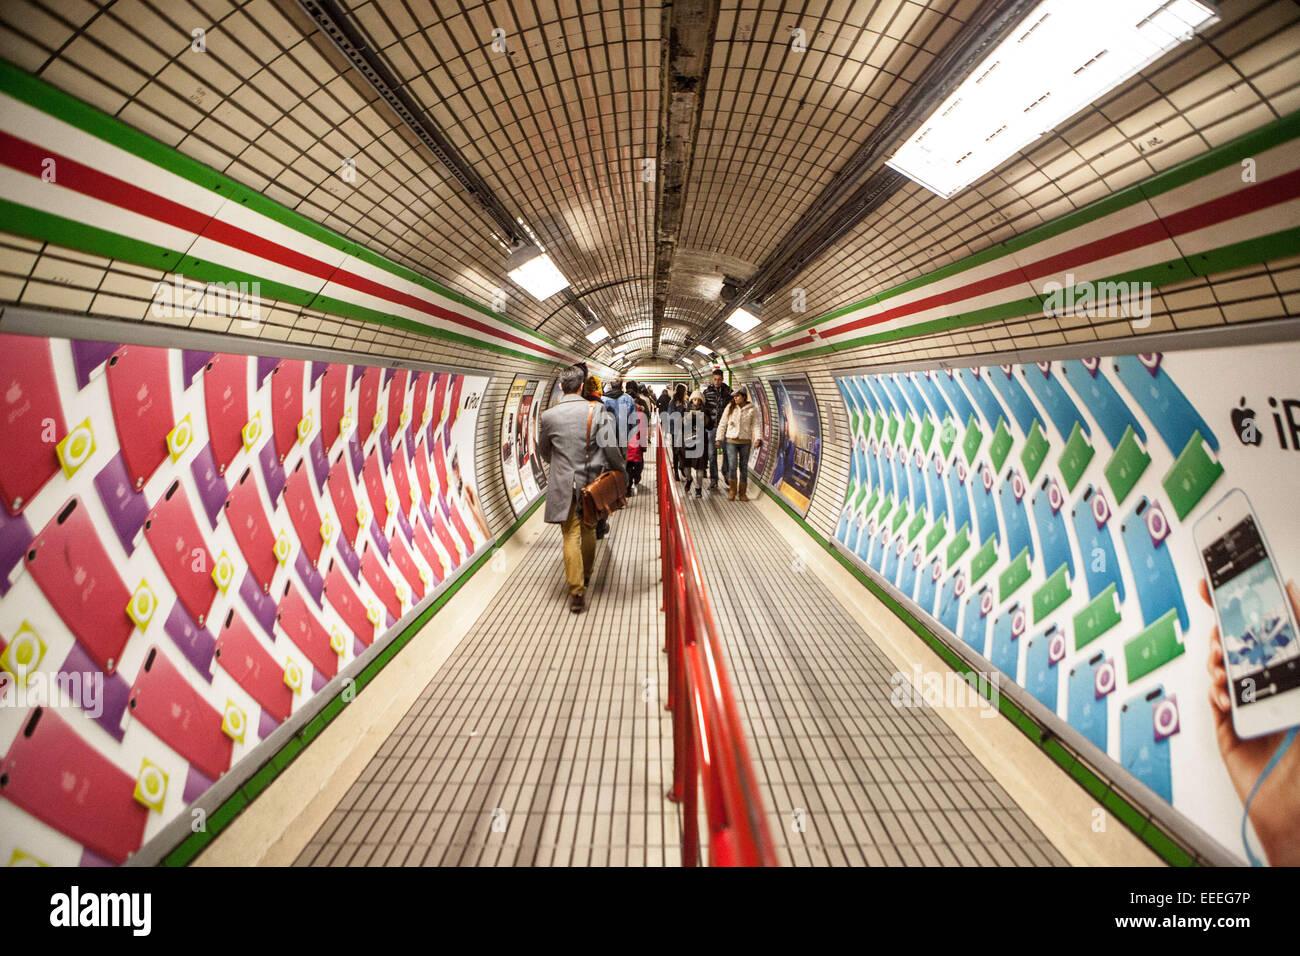 Percorso verso la linea centrale piattaforme dall'ingresso scale mobili alla stazione di Tottenham Court Road. Immagini Stock